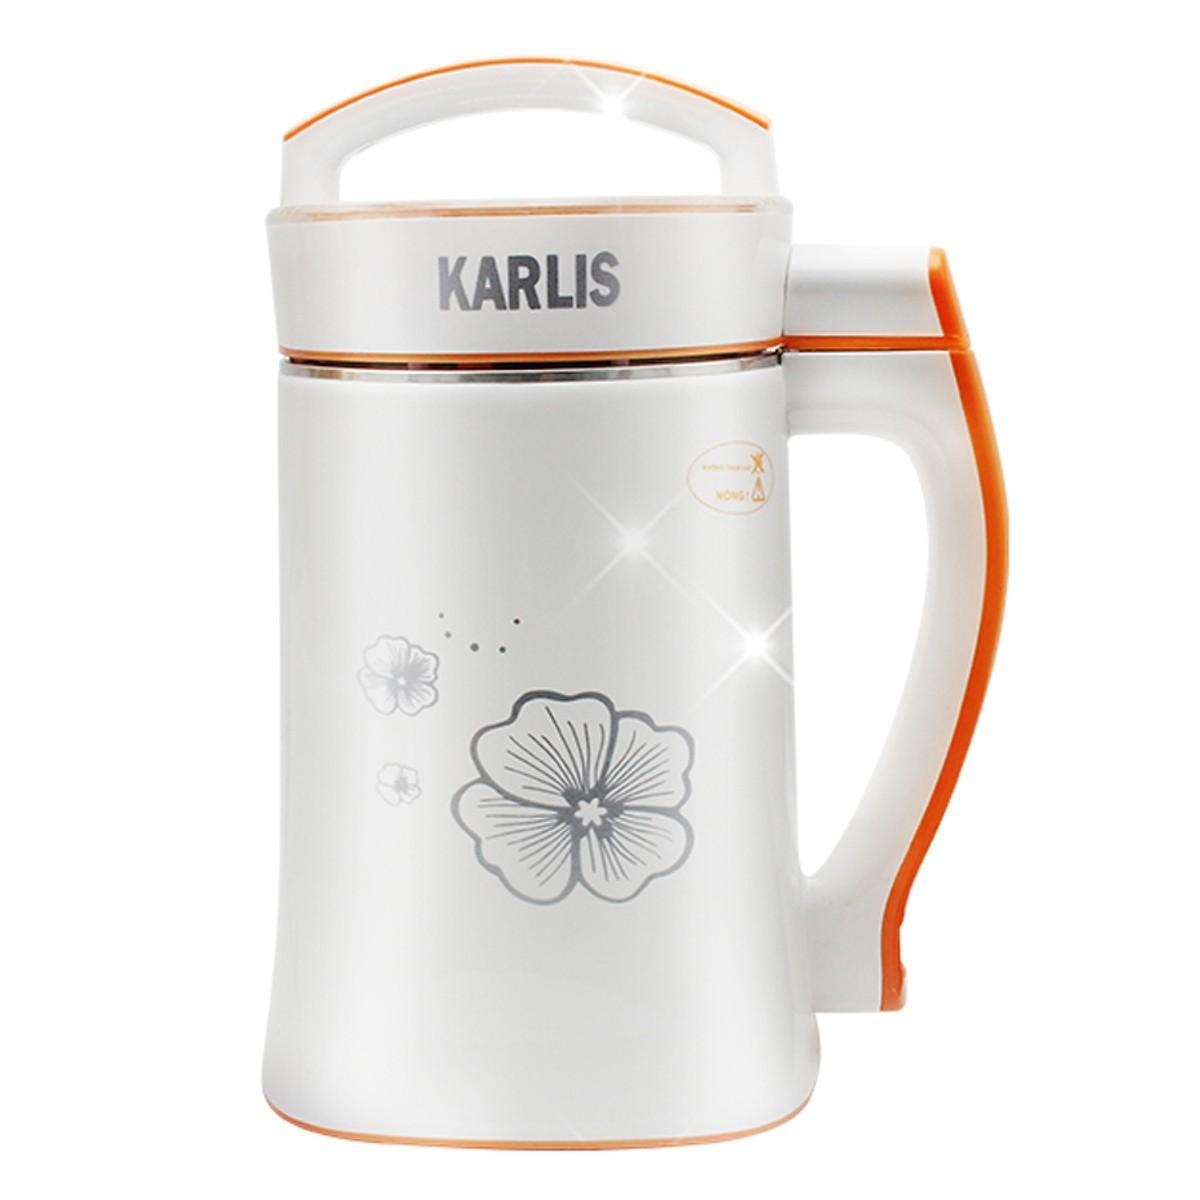 Máy Làm Sữa Đậu Nành Đa Năng Karlis 002293 (1.5L) - Trắng